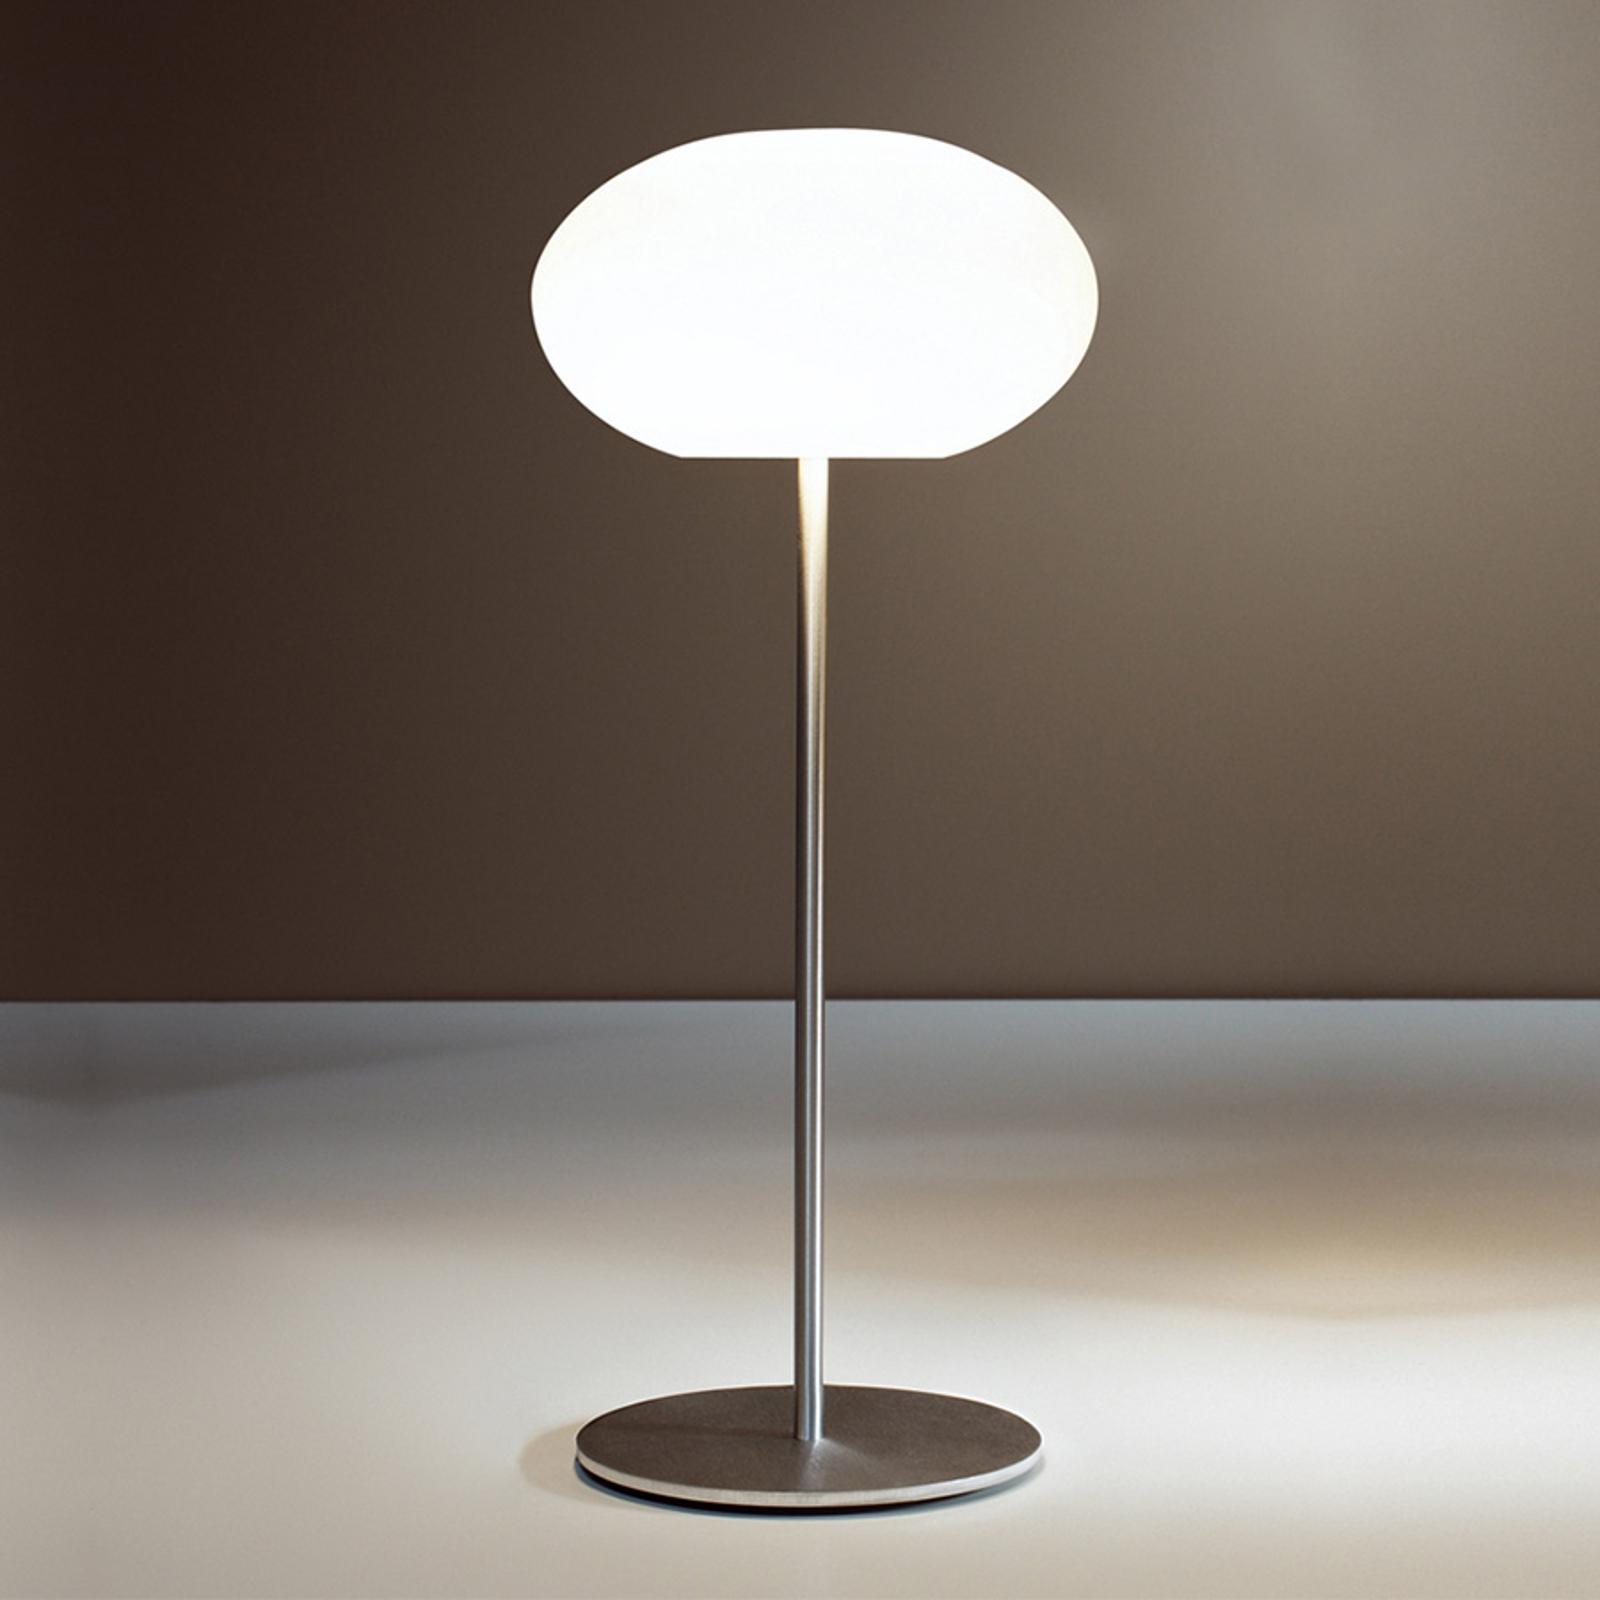 Casablanca Aih bordlampe, Ø 19 cm hvit blank